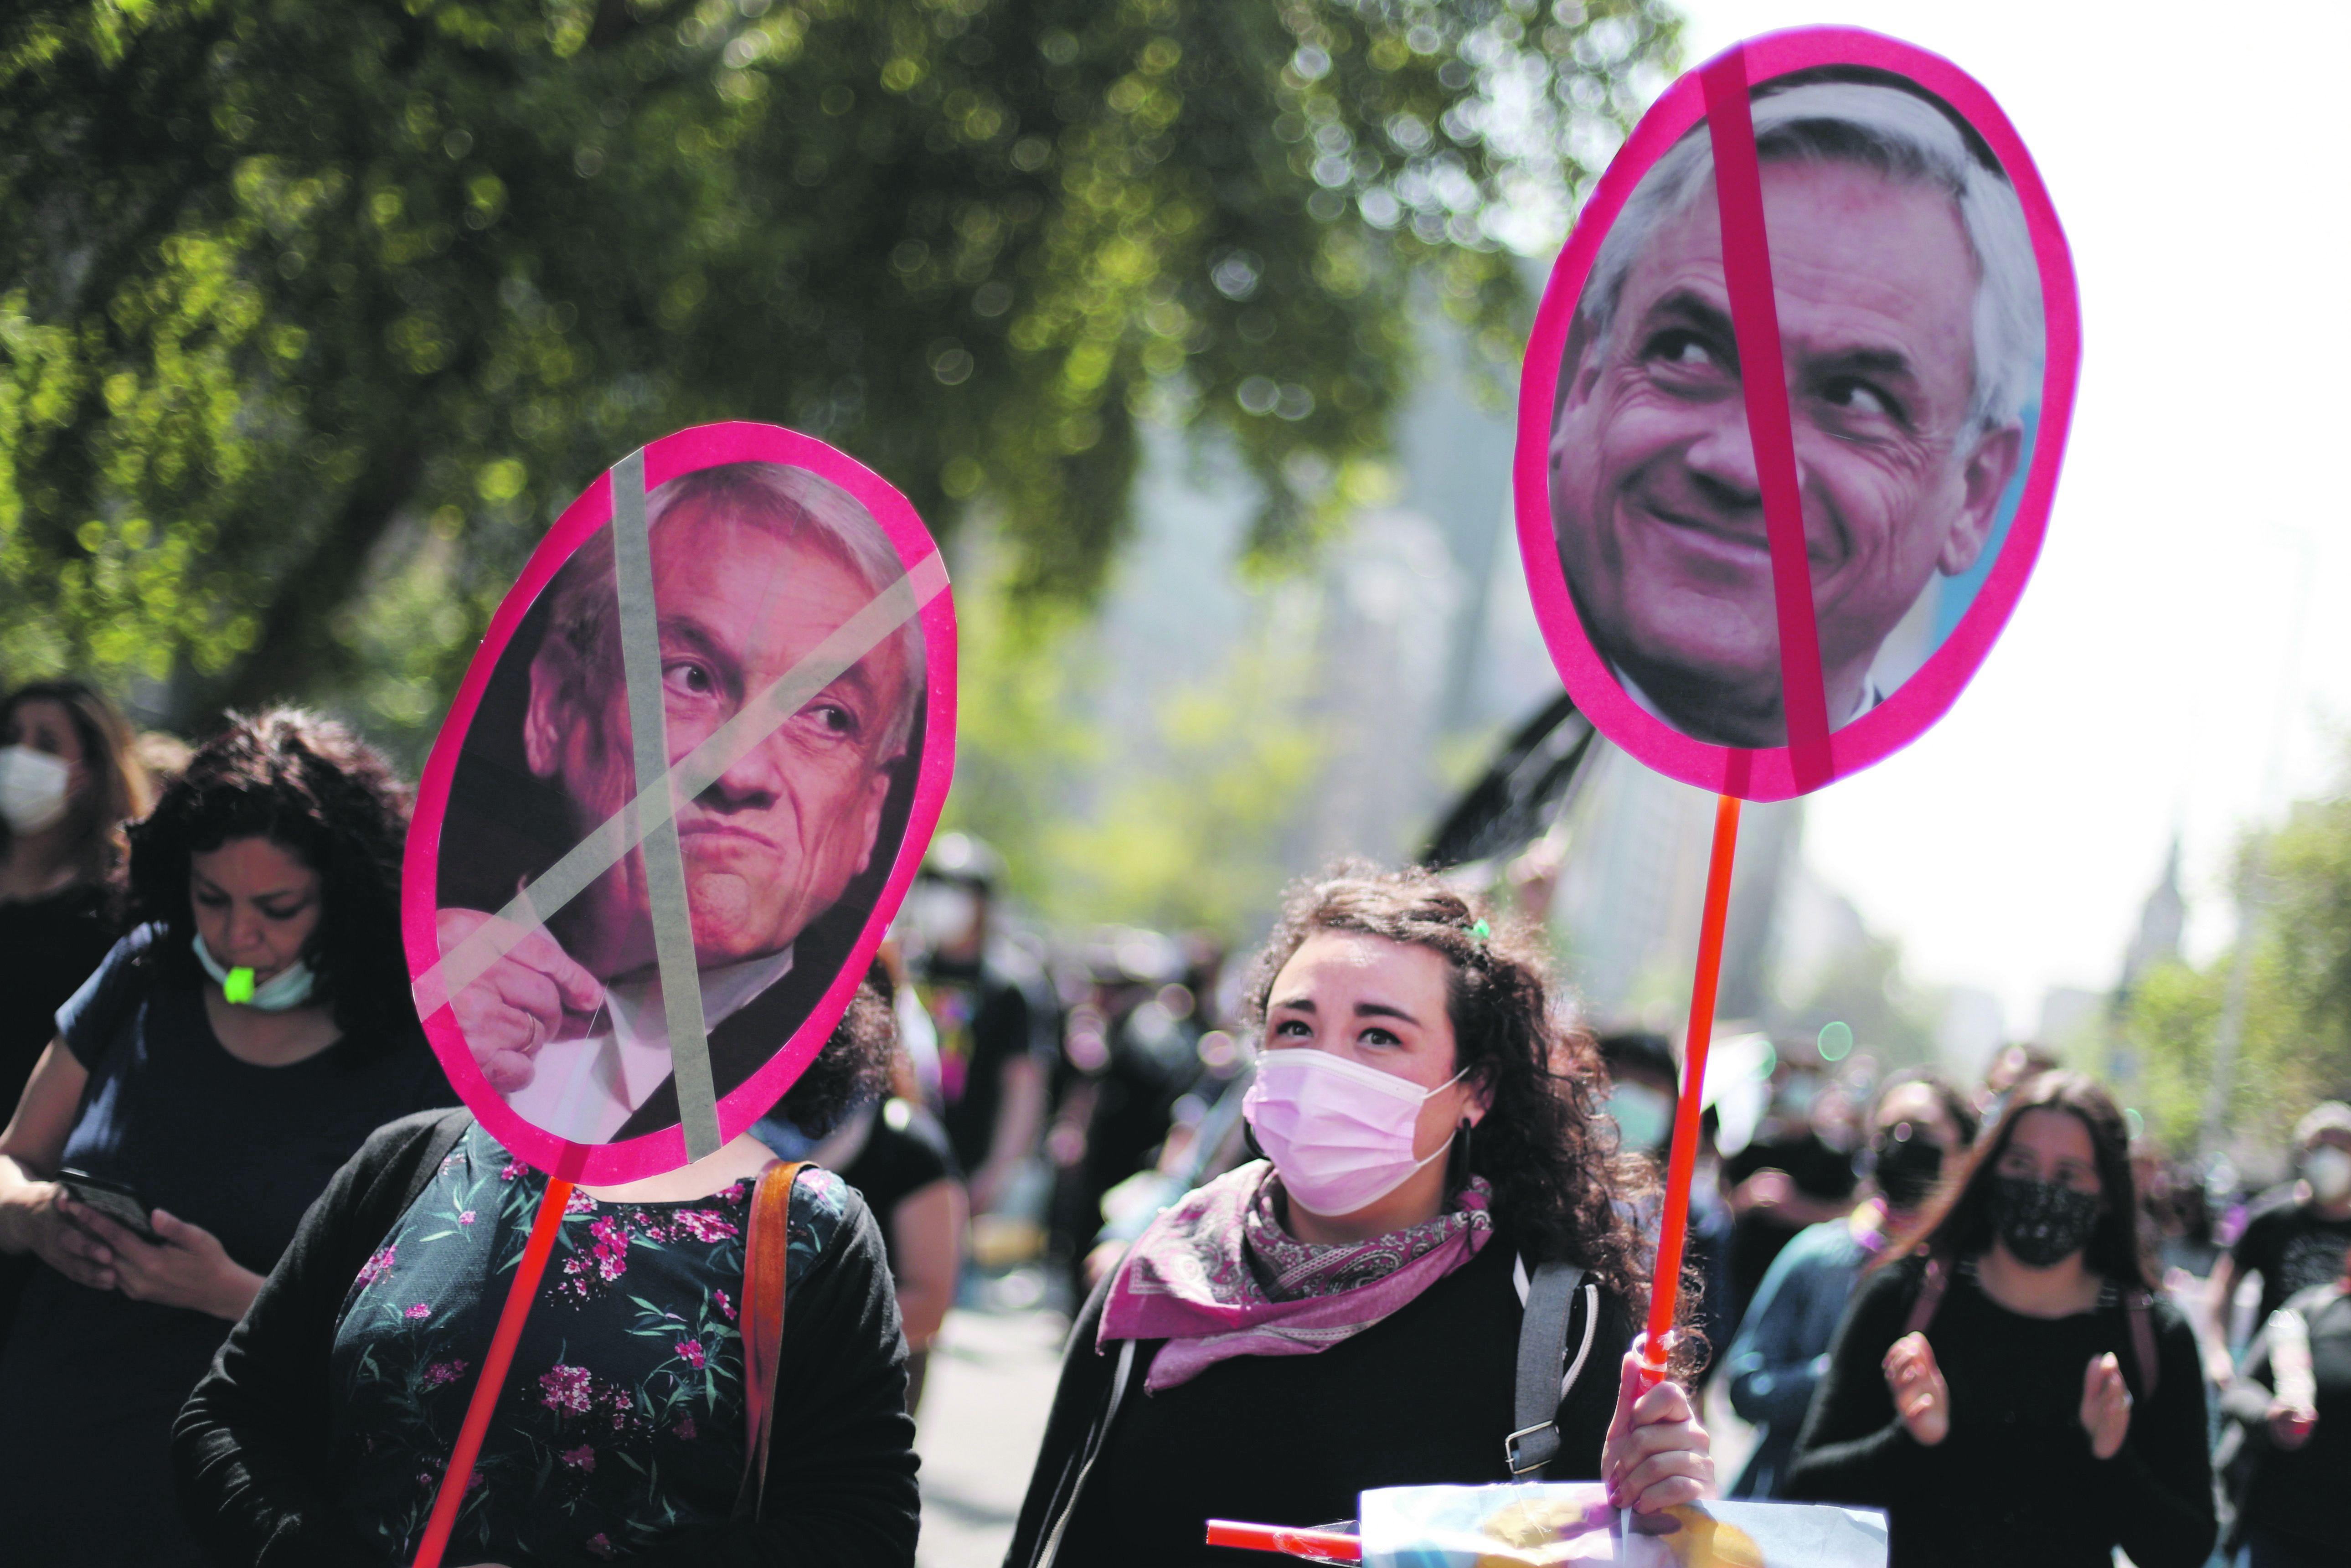 REPUDIO. Santiago fue escenario de protestas contra el presidente Sebastián Piñera.